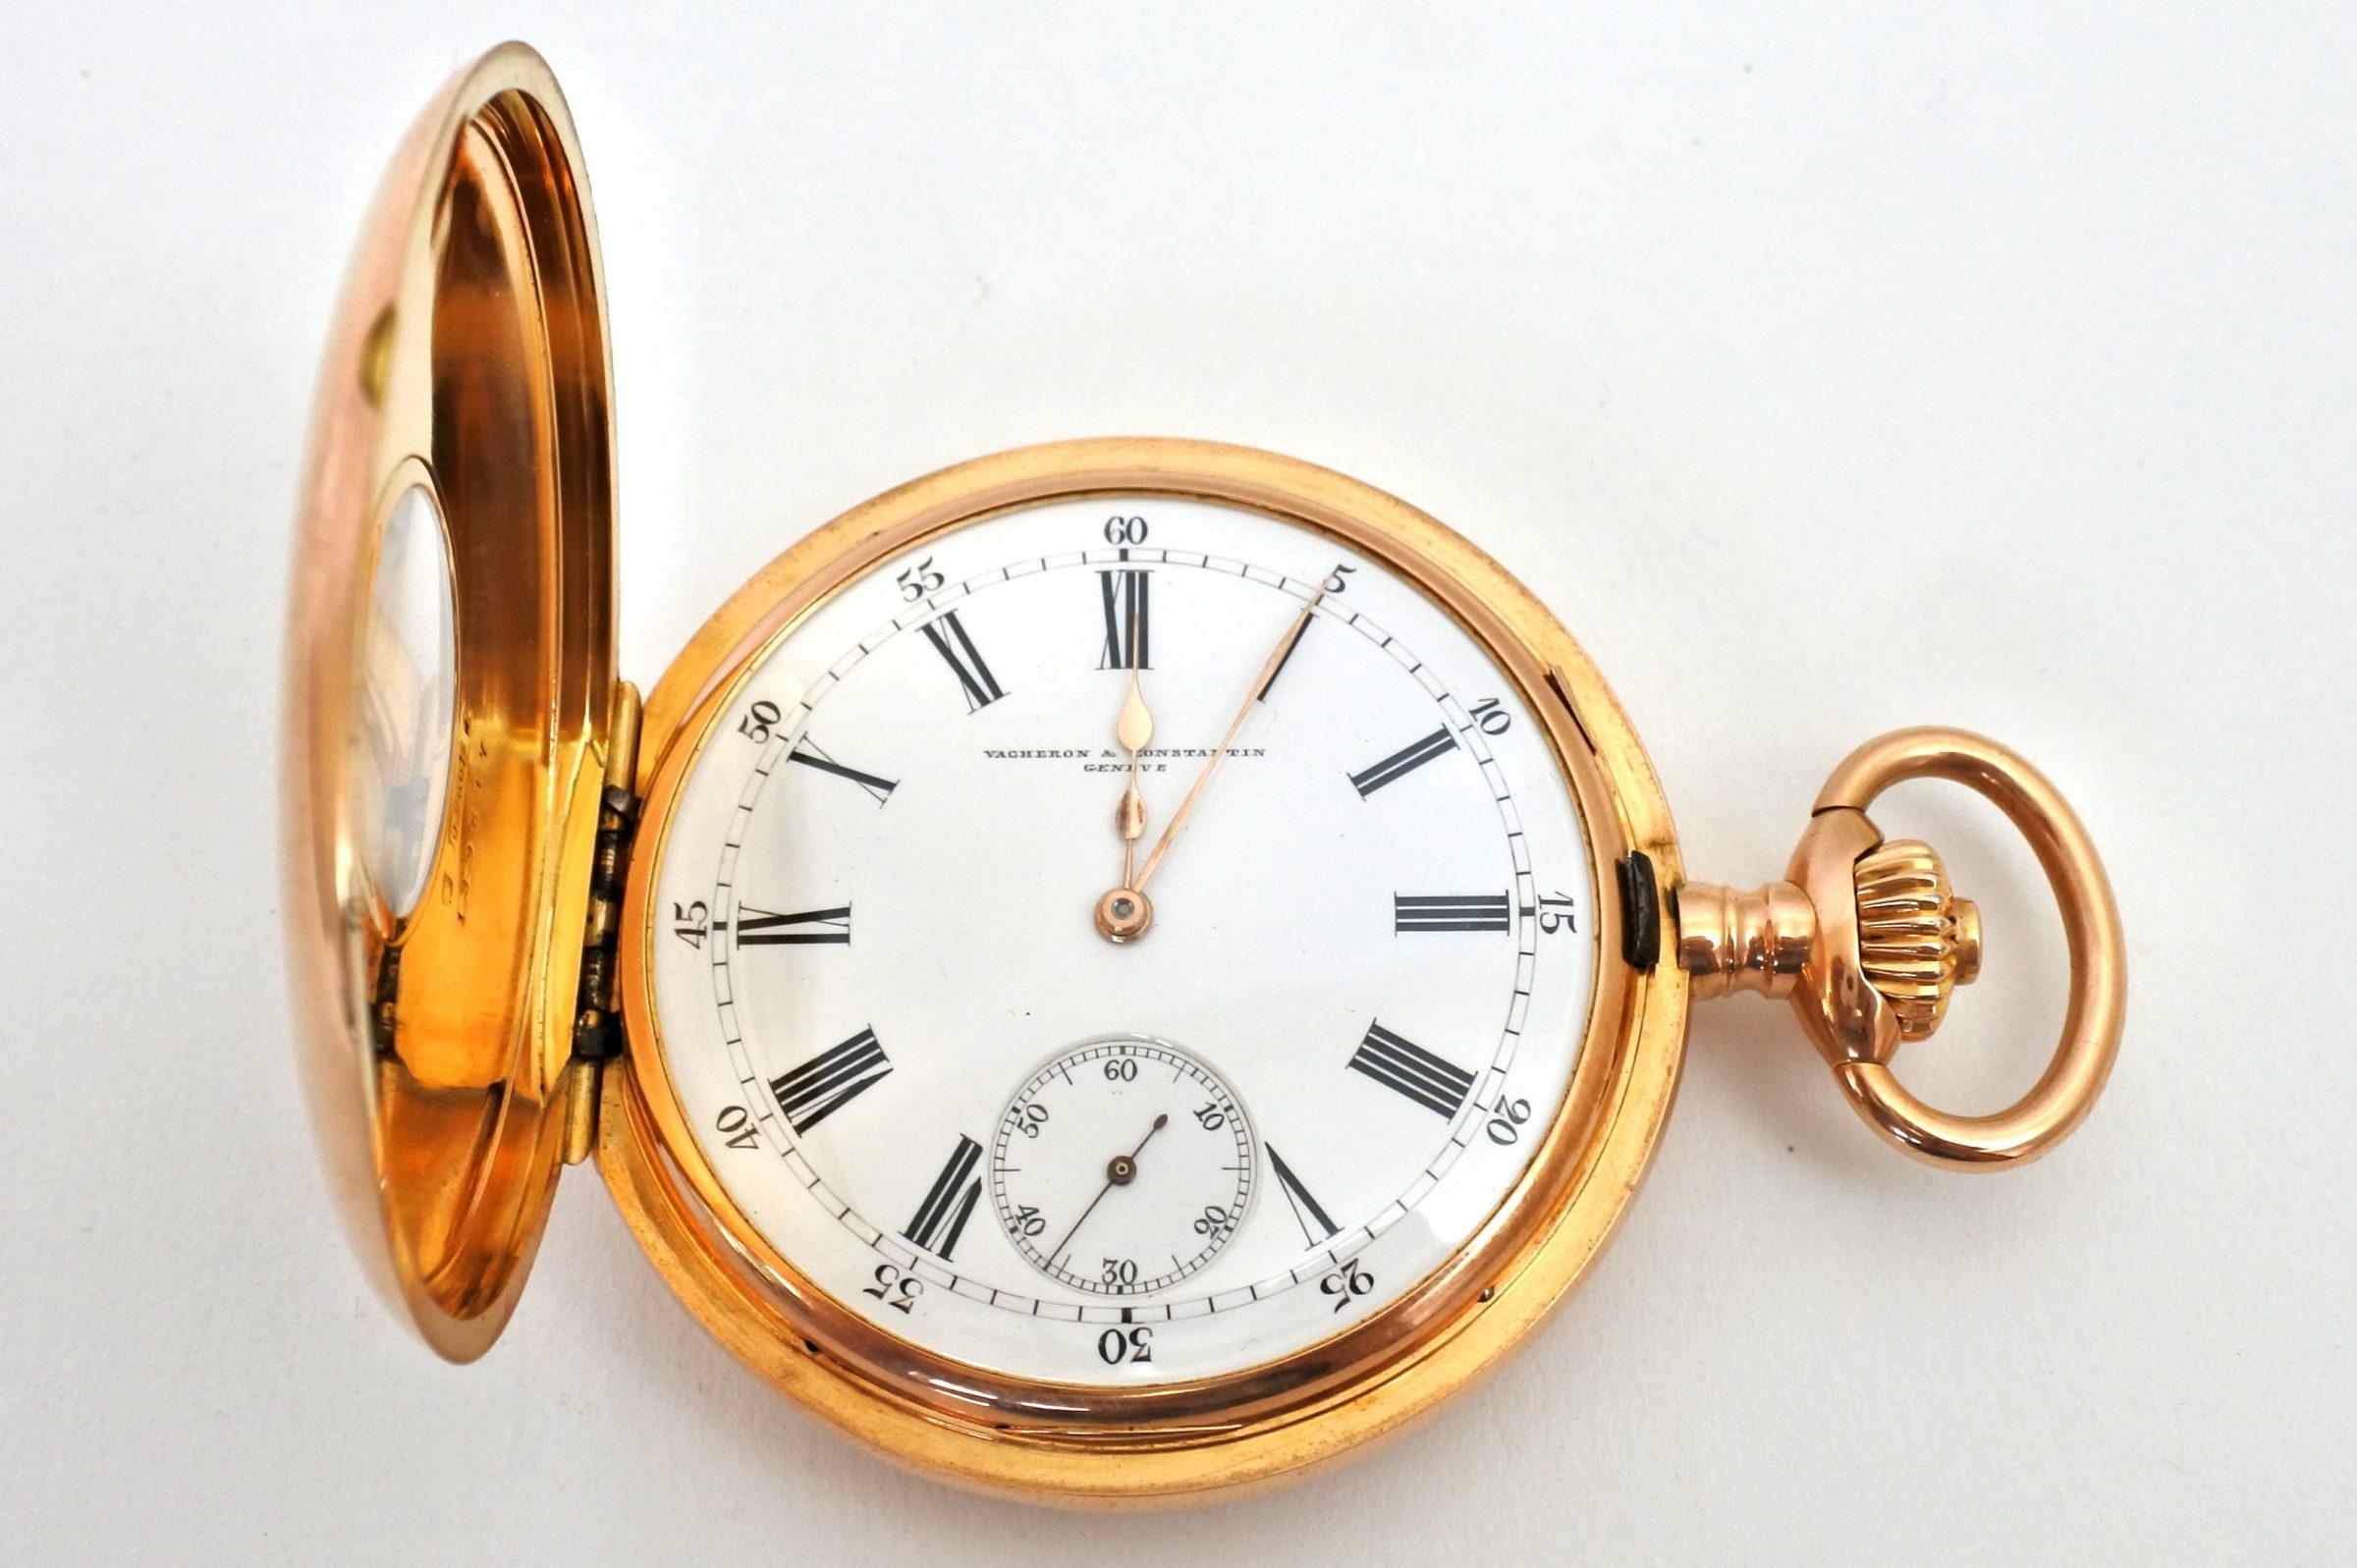 Orologio da tasca occhio di bue in oro - Vacheron & Constantin Genève - 3